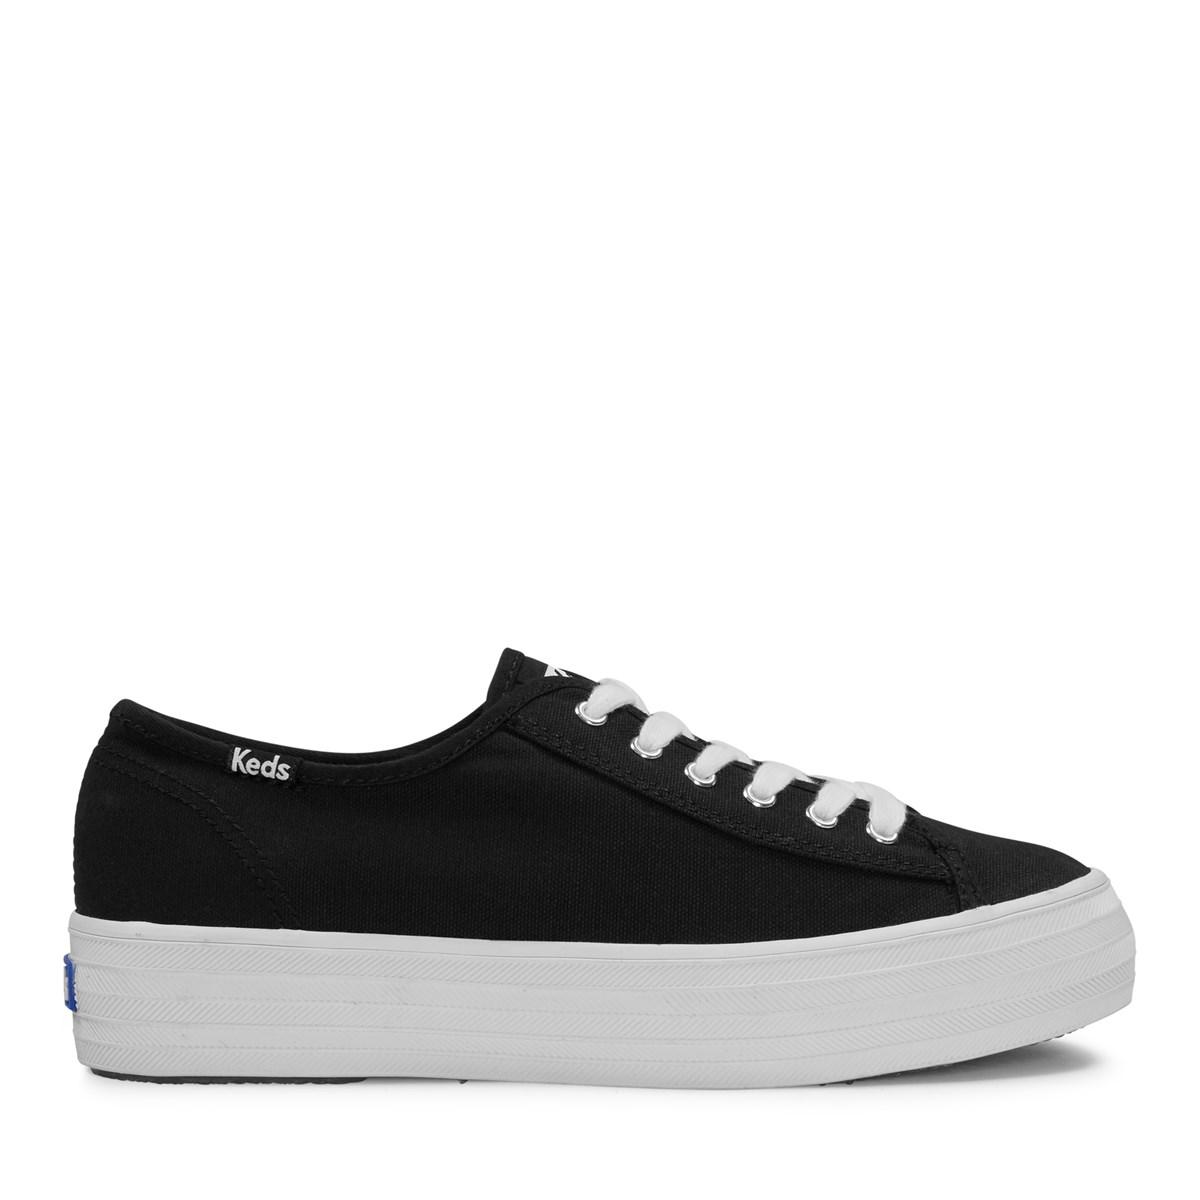 Women's Triple Kick Platform Sneakers in Black